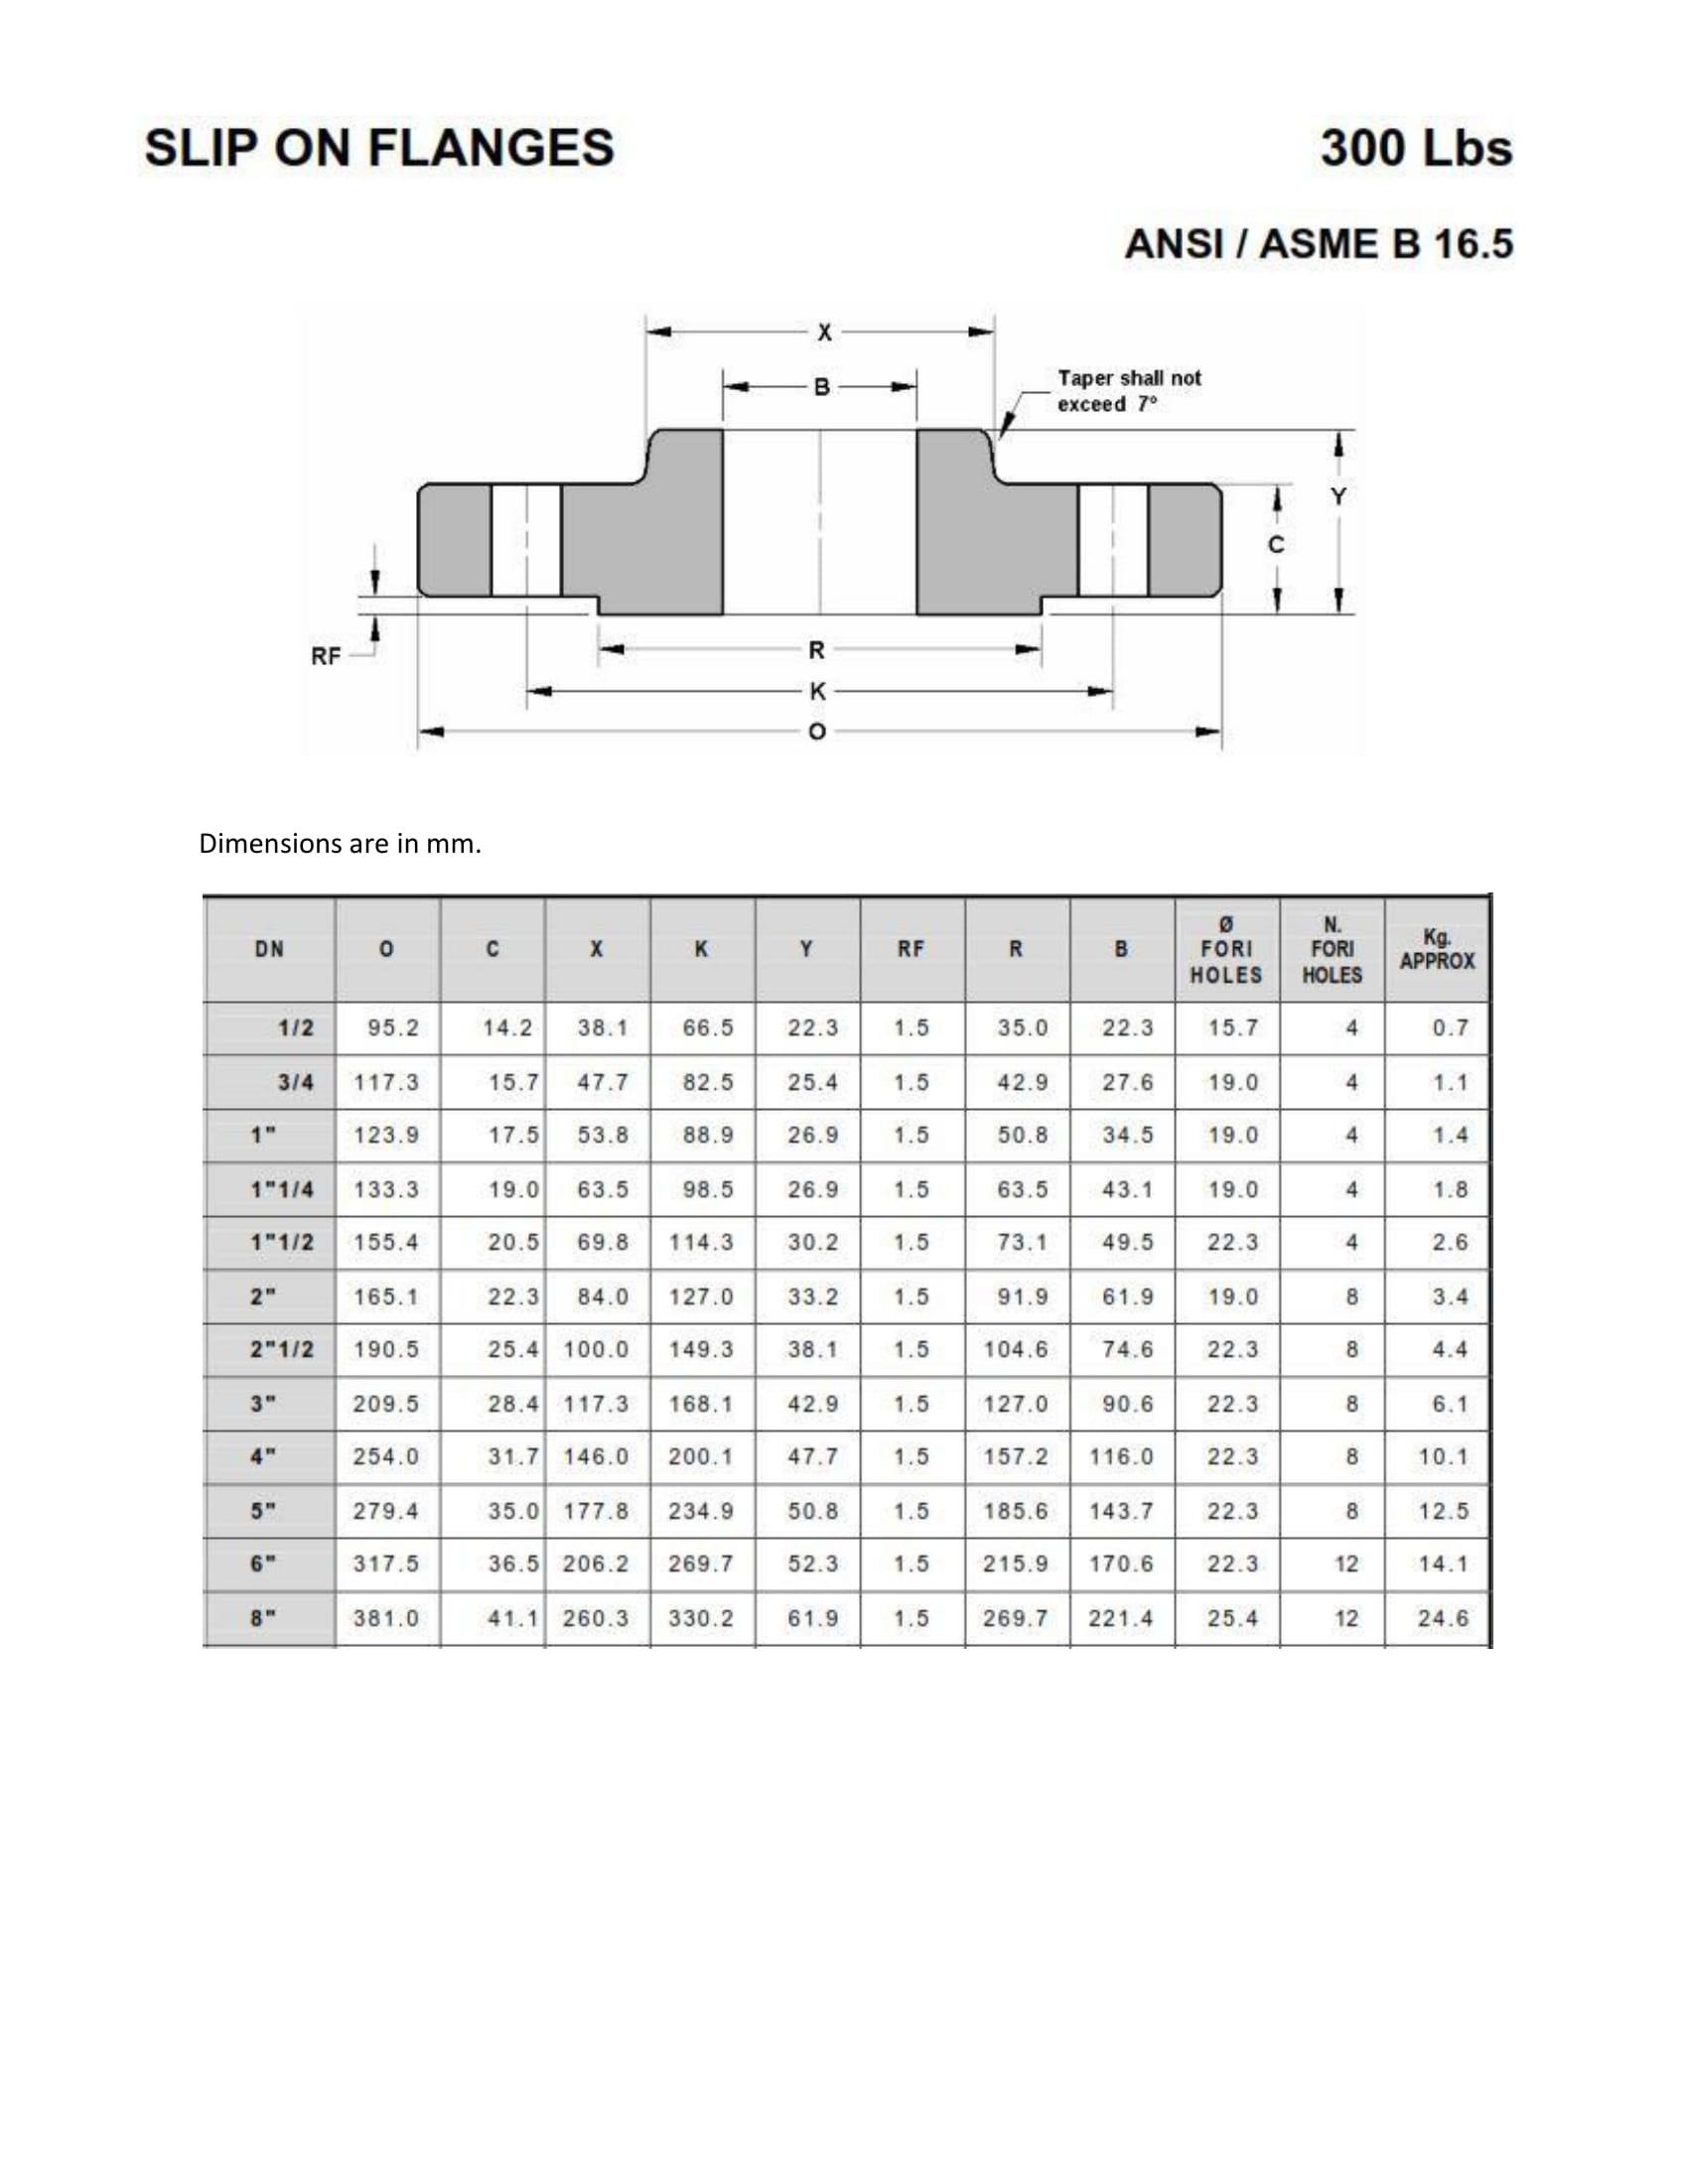 Flange Information